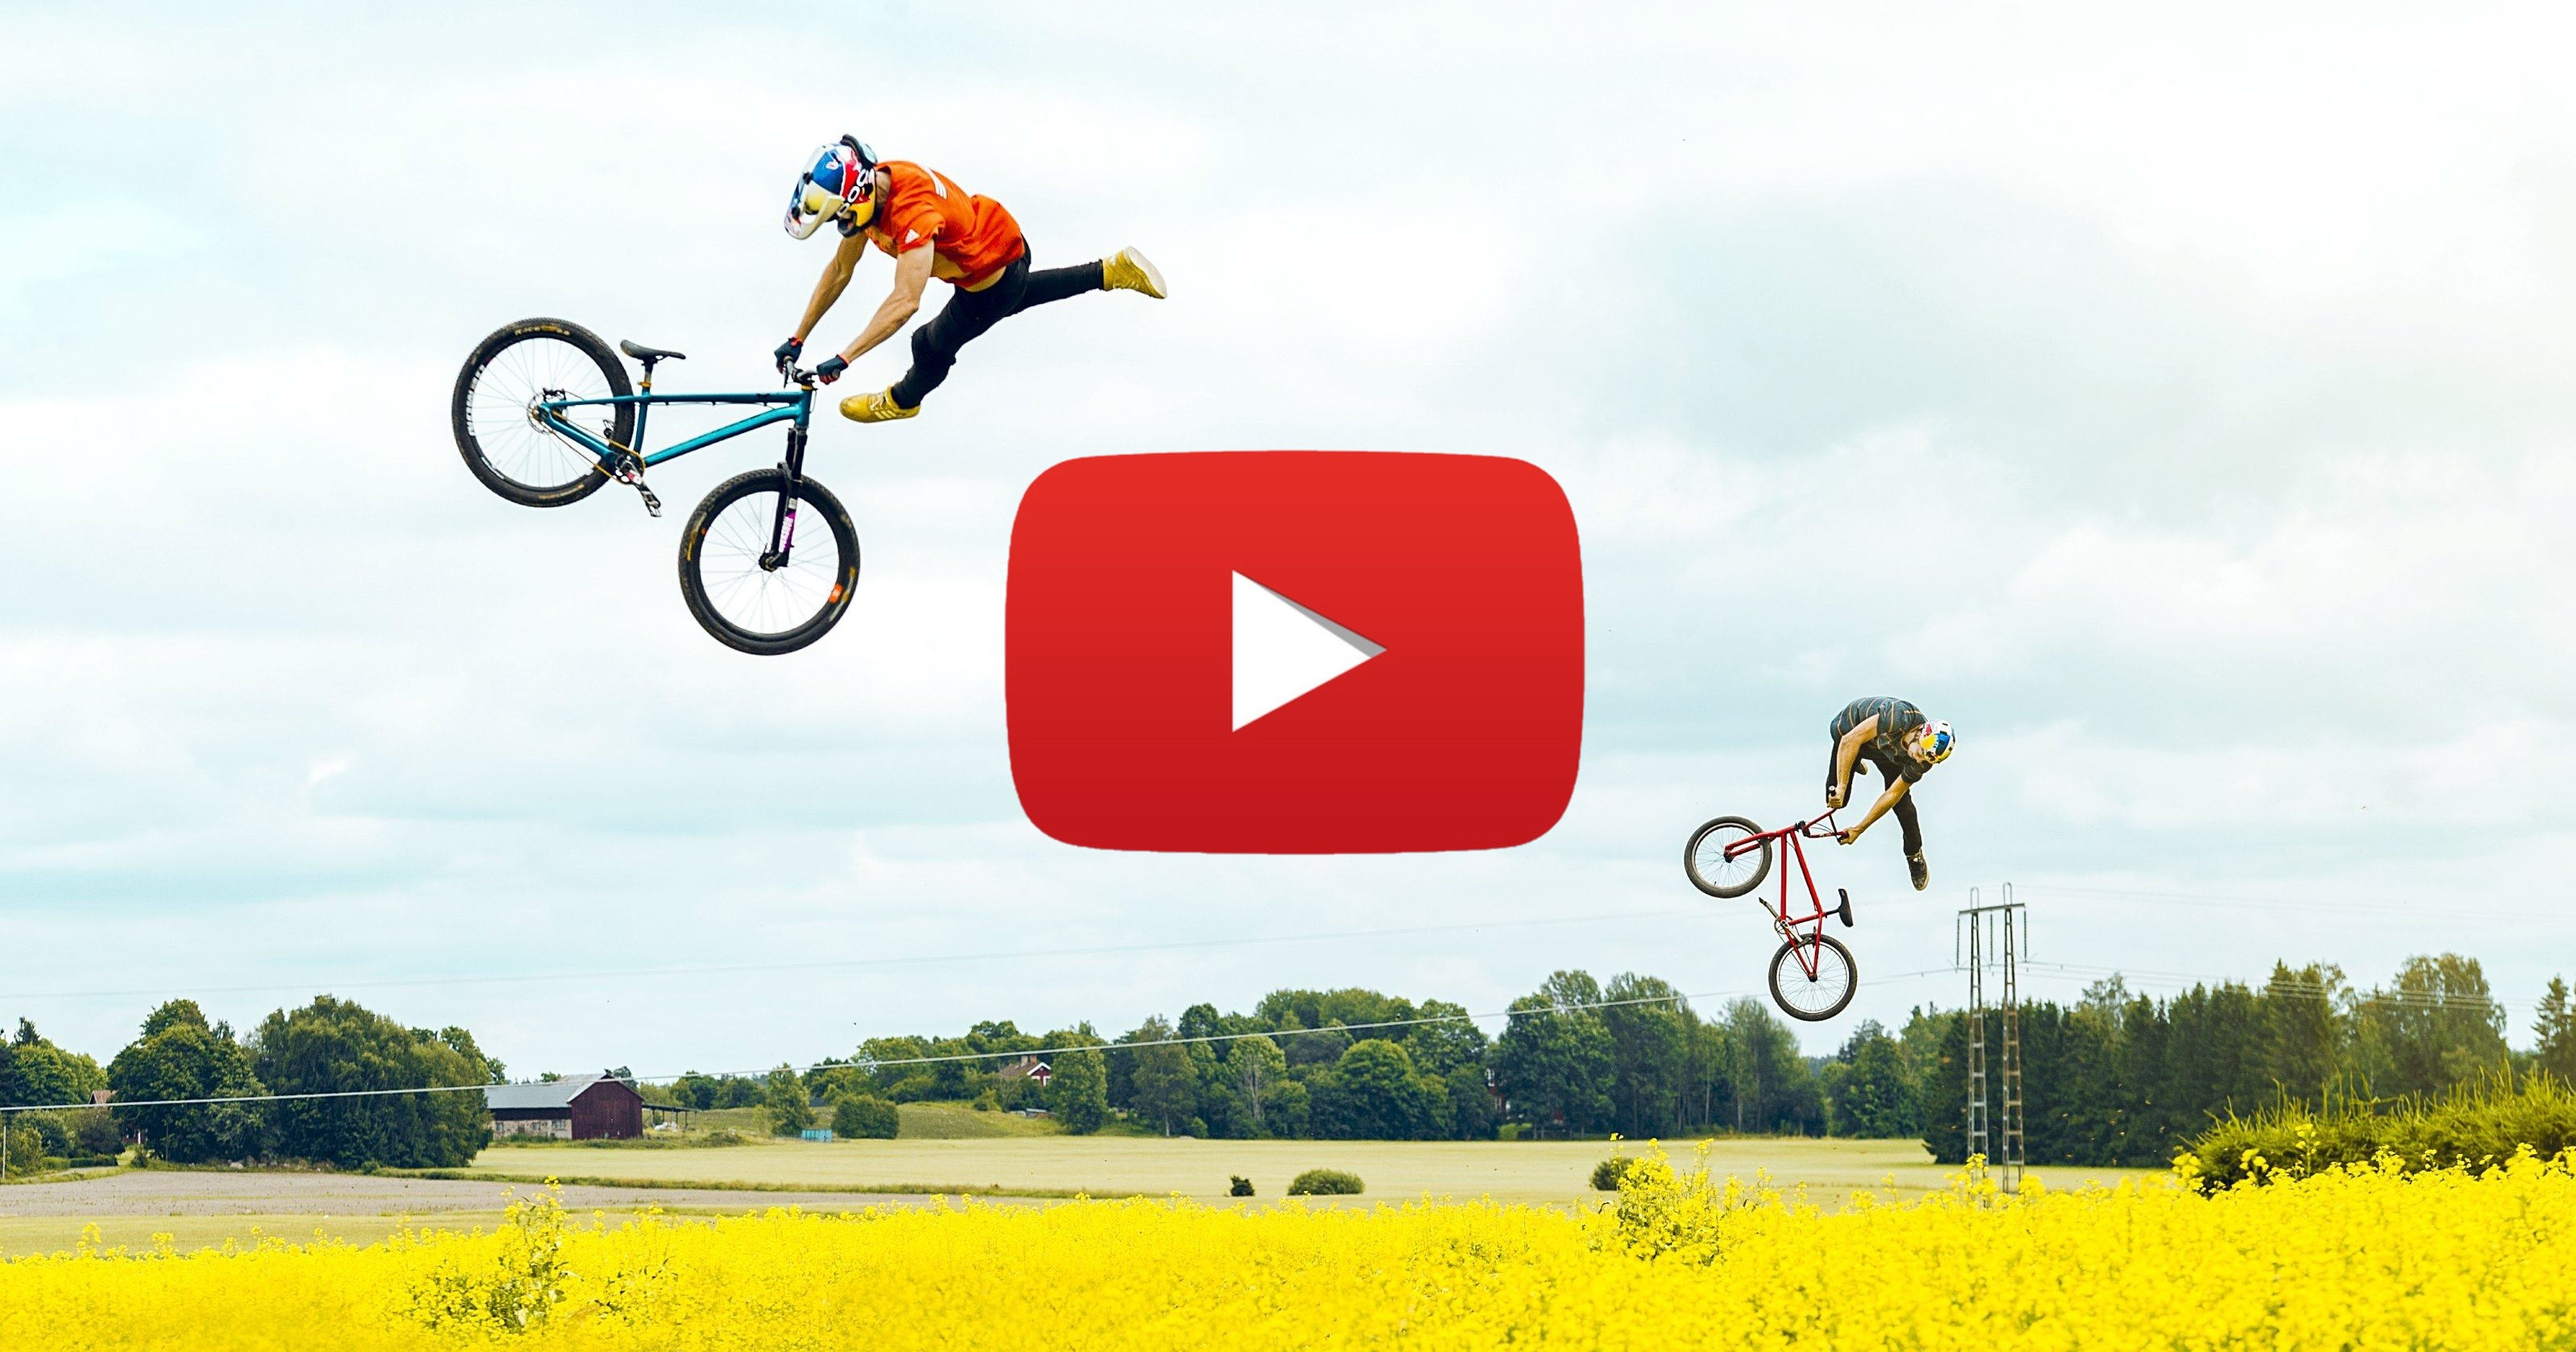 10 najlepszych filmów na YouTube według Michała